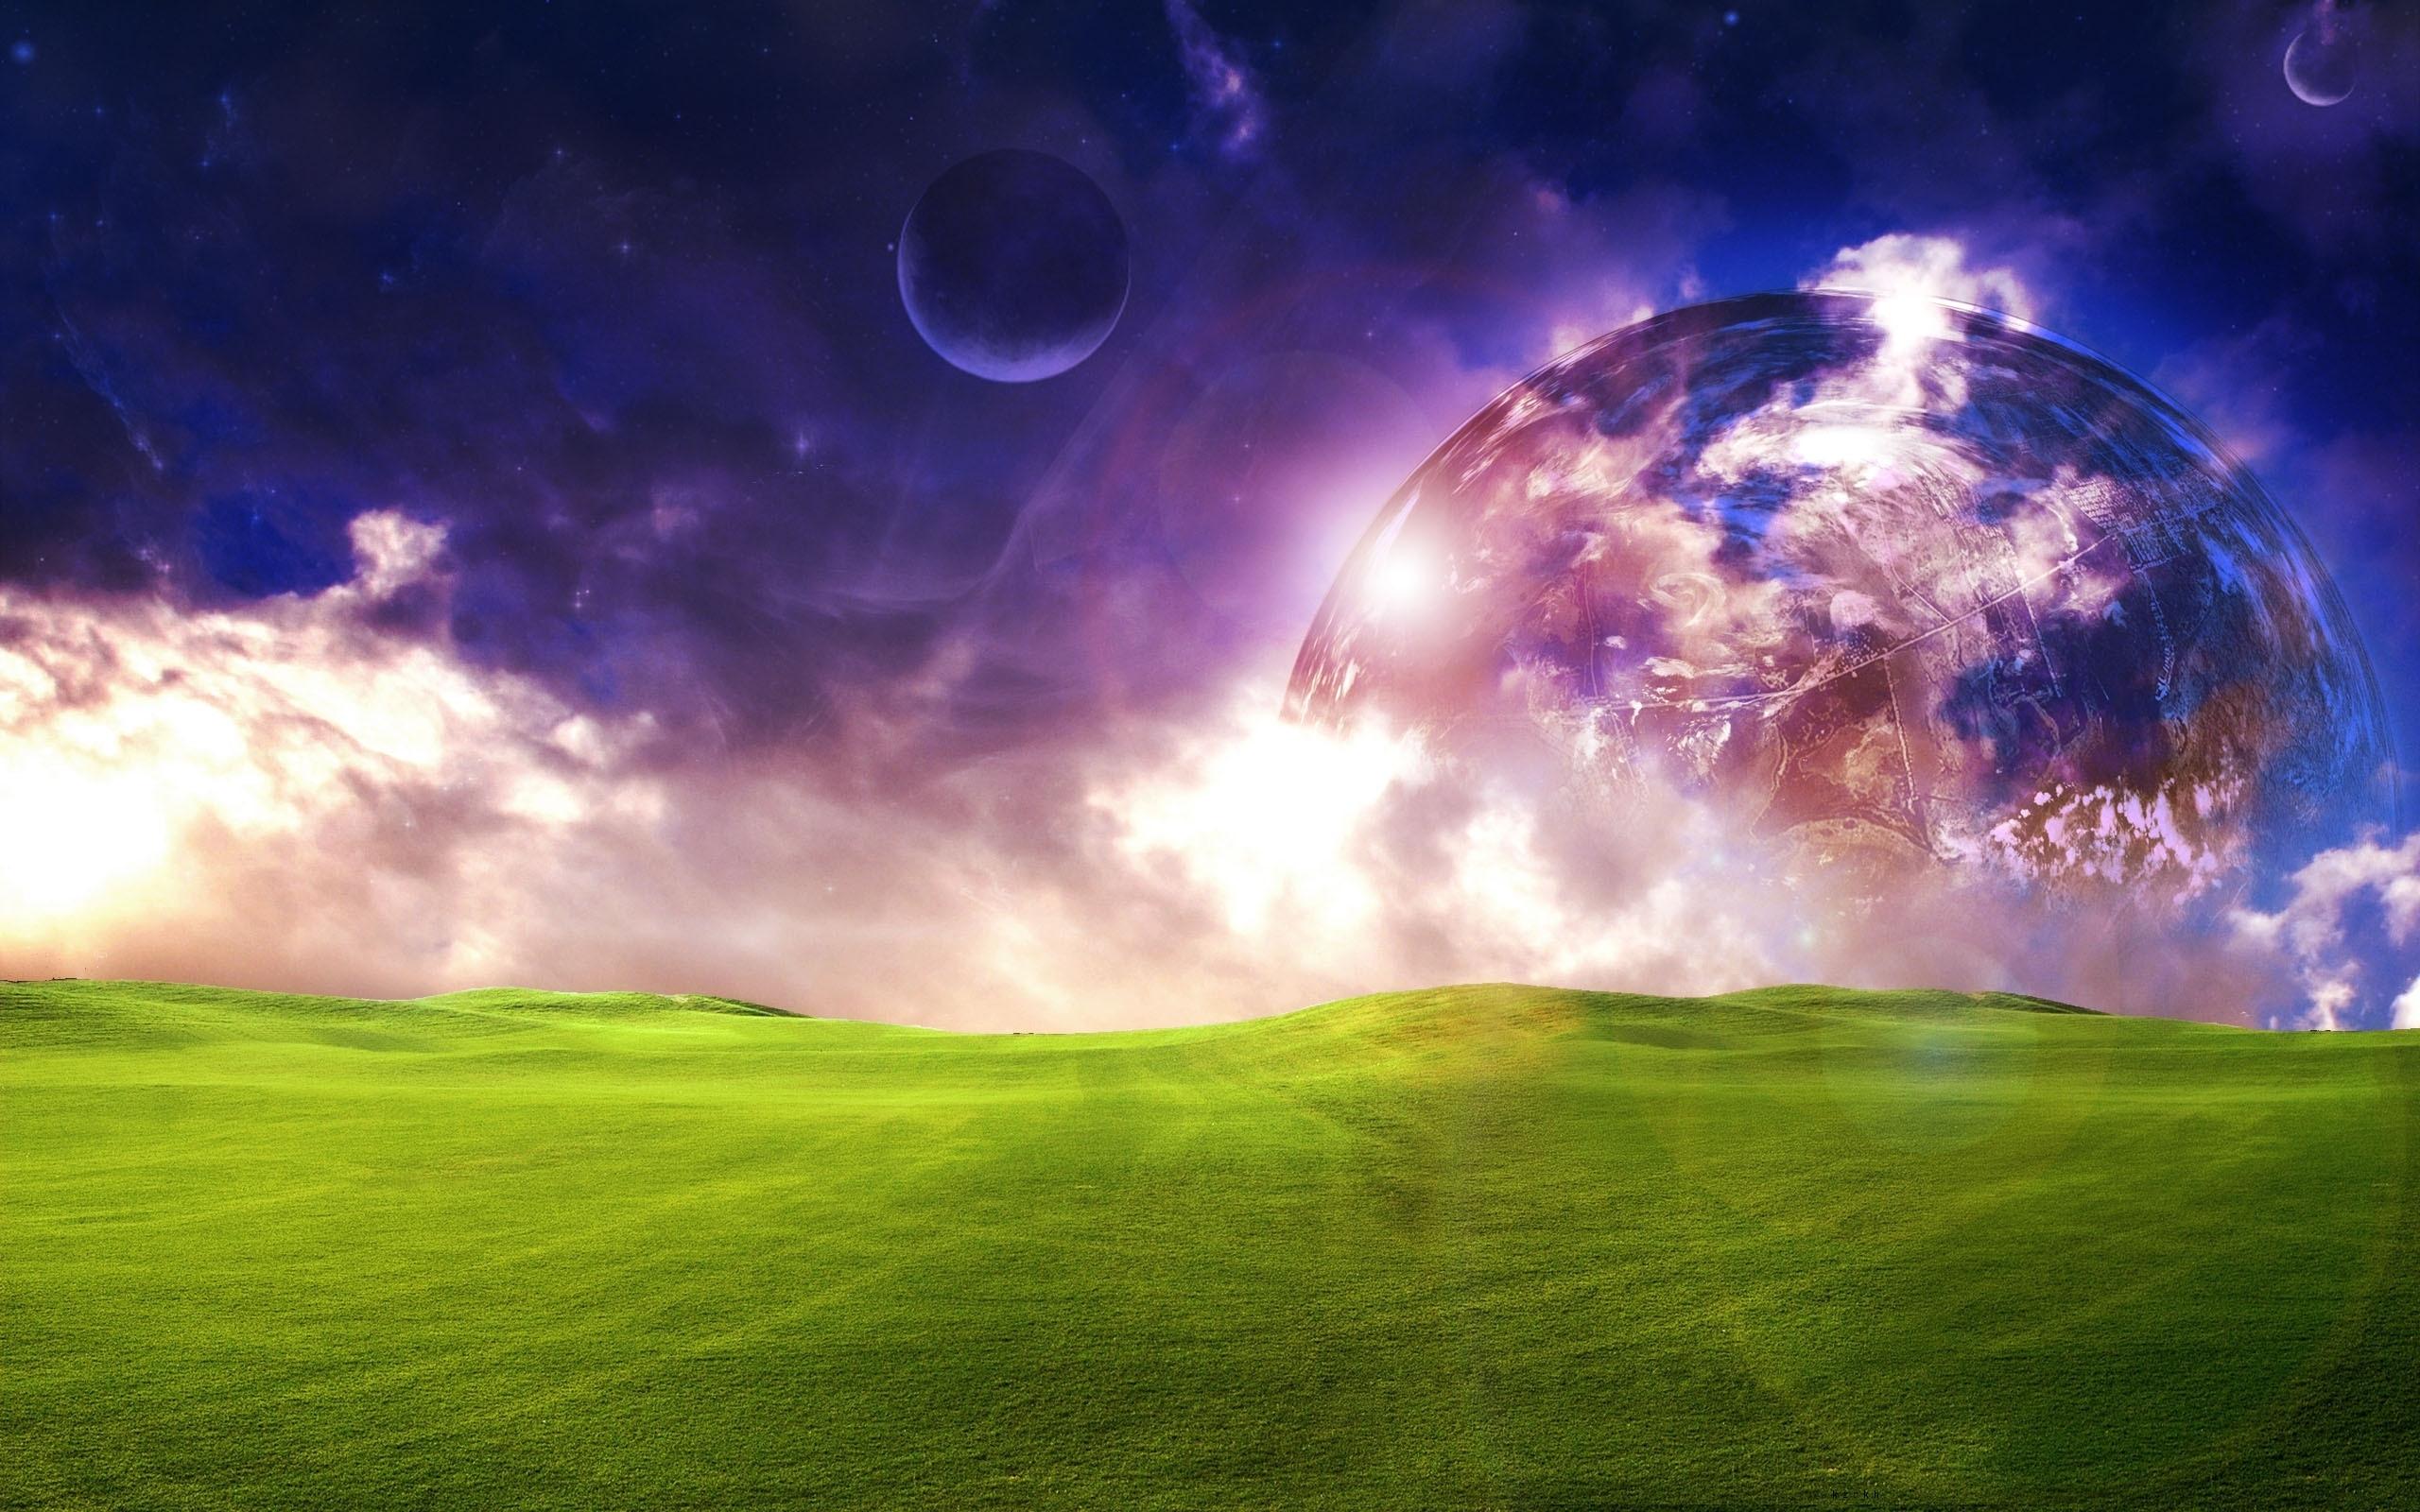 21668 скачать обои Пейзаж, Поля, Небо, Планеты, Космос - заставки и картинки бесплатно